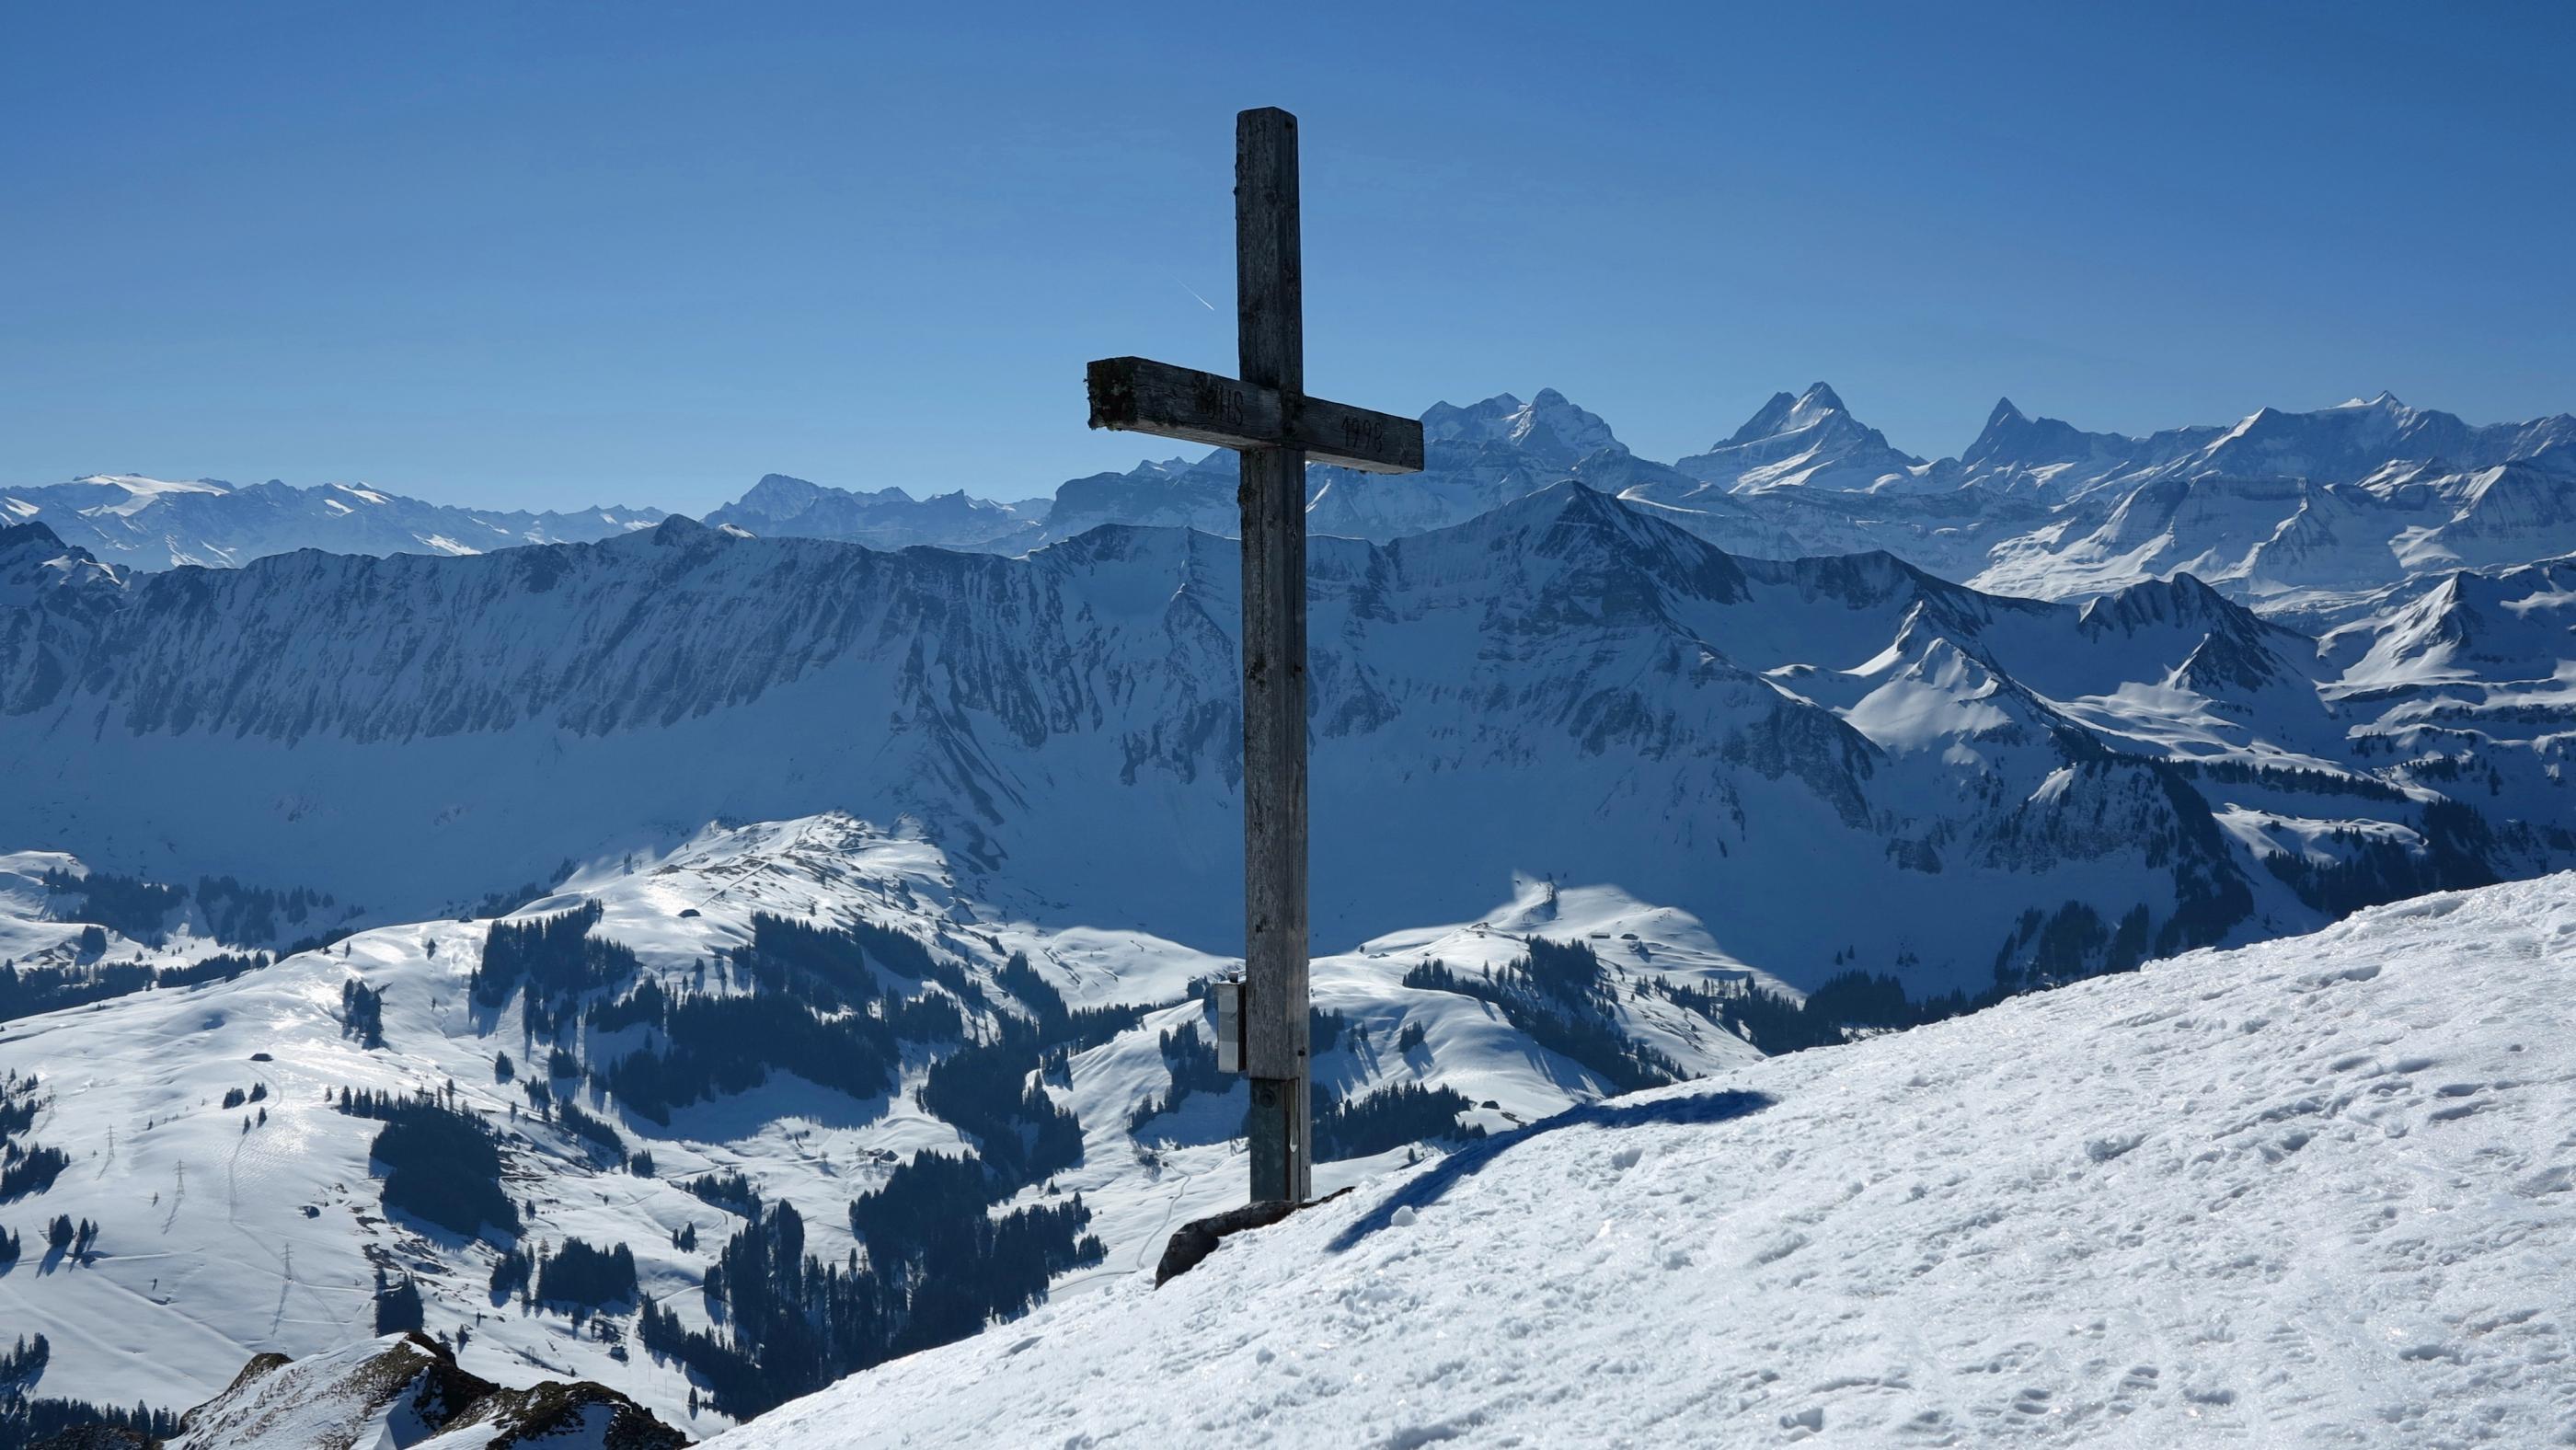 Der Schibegütsch bietet eine schöne Aussicht in die Berner Hochalpen.